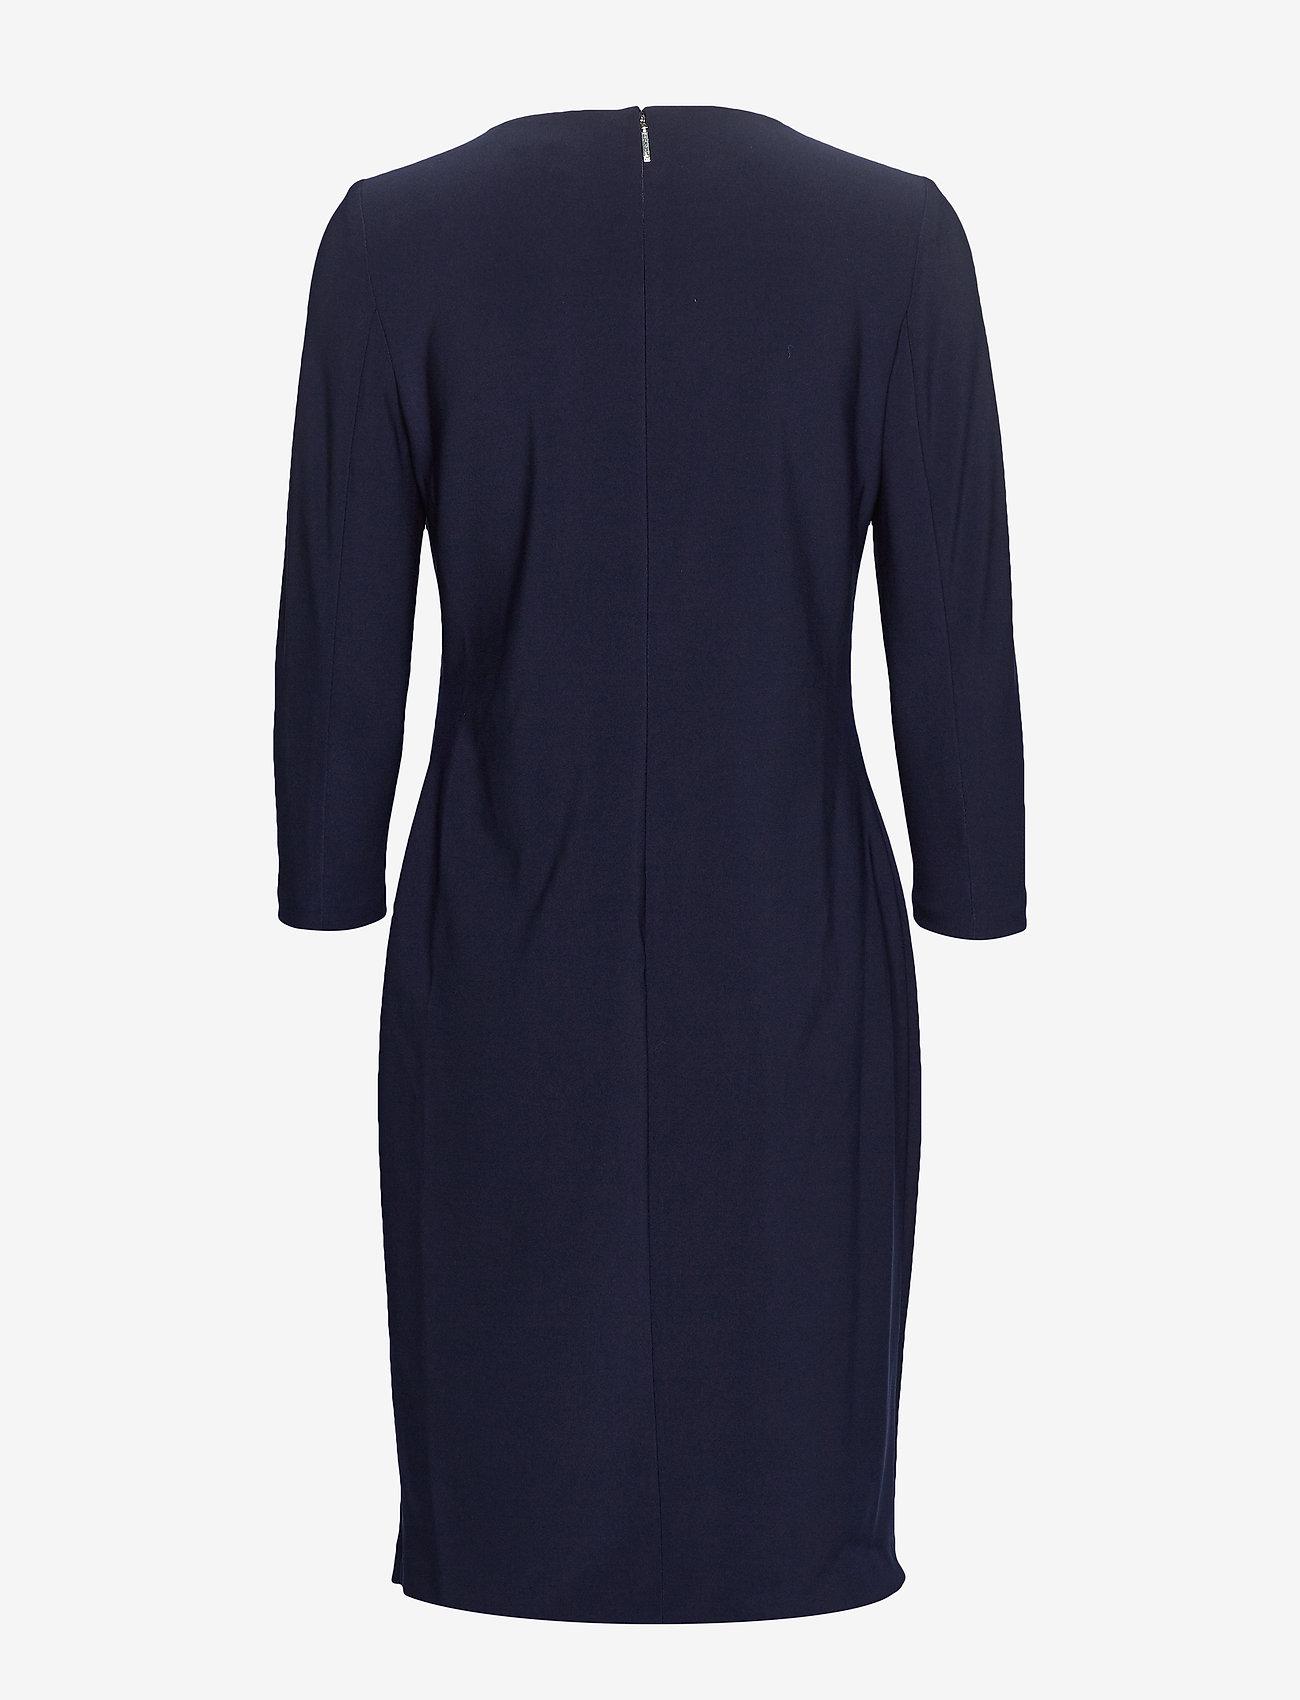 Lauren Ralph Lauren BONDED MJ-DRESS W/ TRIM - Sukienki LIGHTHOUSE NAVY - Kobiety Odzież.